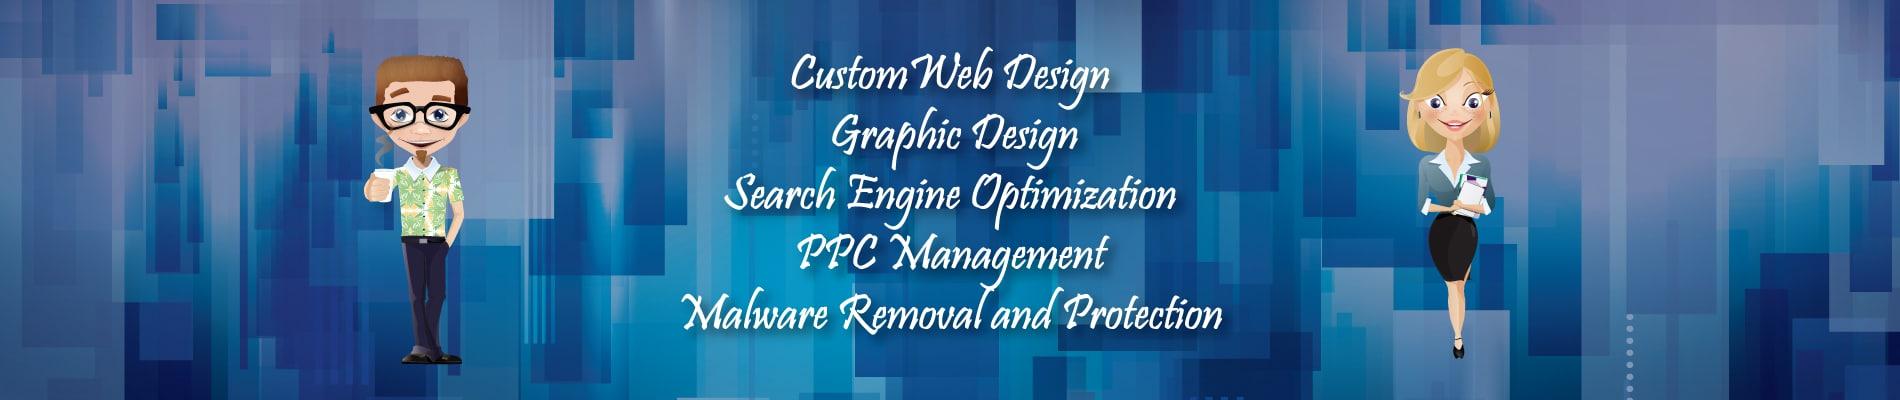 Salterra Affordable Web Design in AZ Image